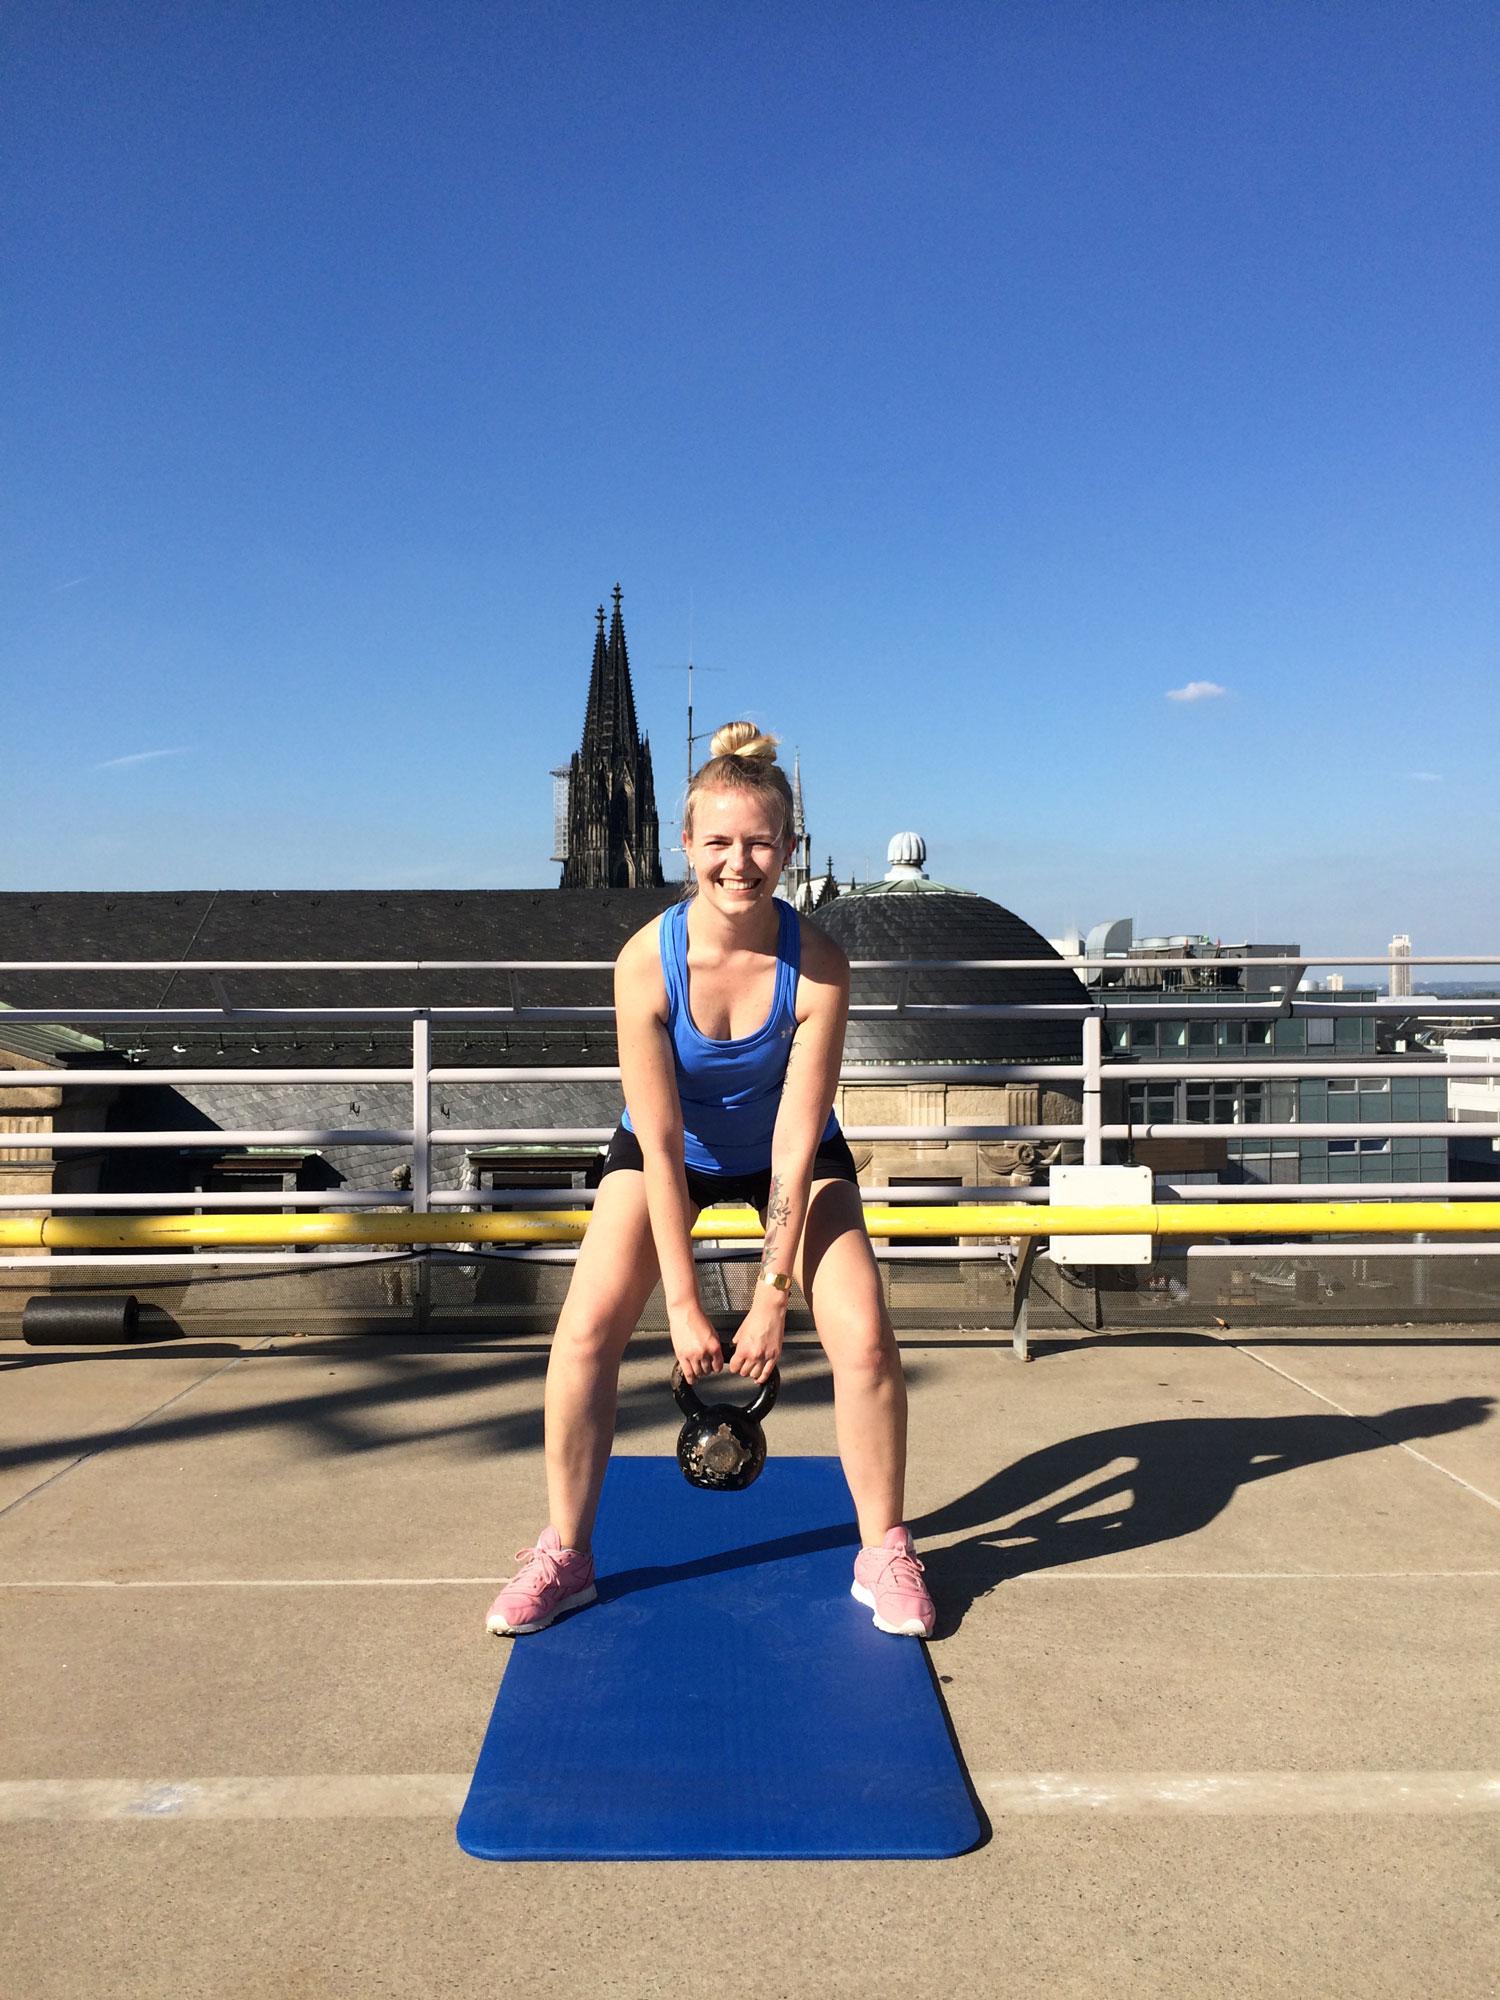 fitness-blogger-camp-instagrammer-fitnessblog-turnschuhverliebt_1